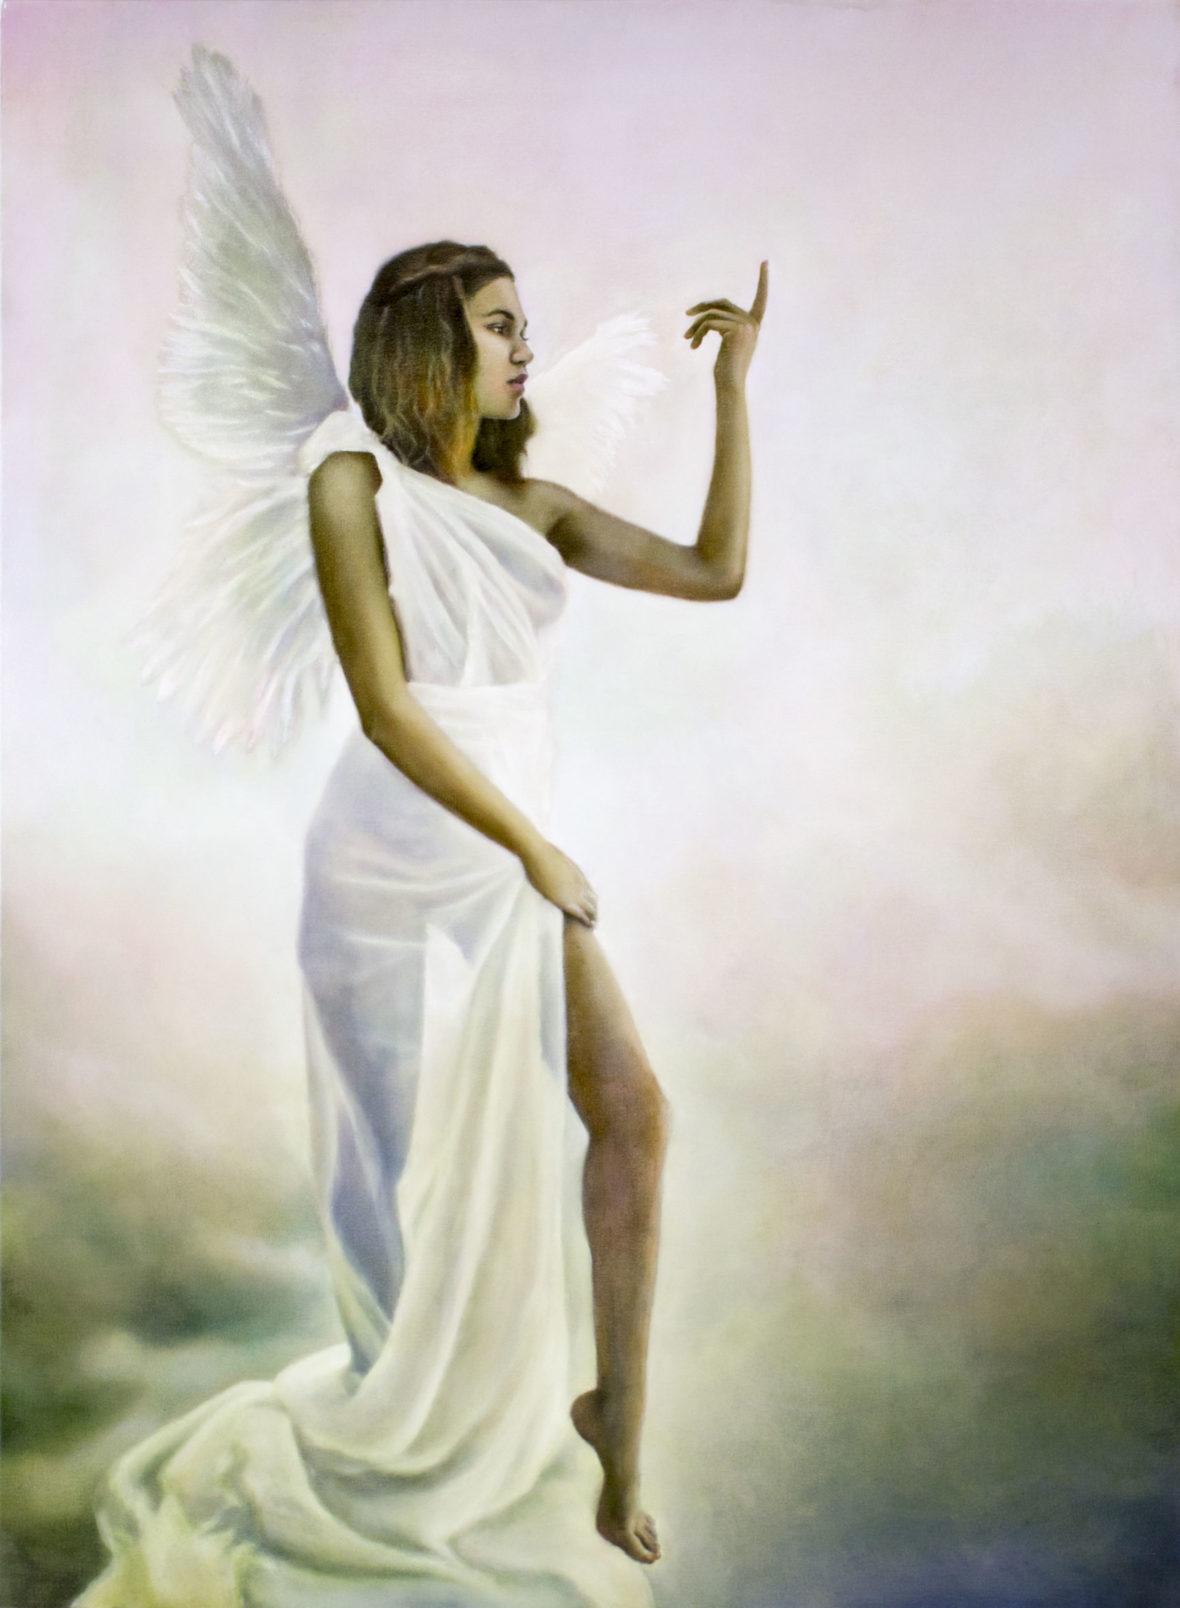 Taivaan enkeli / Angel of heaven